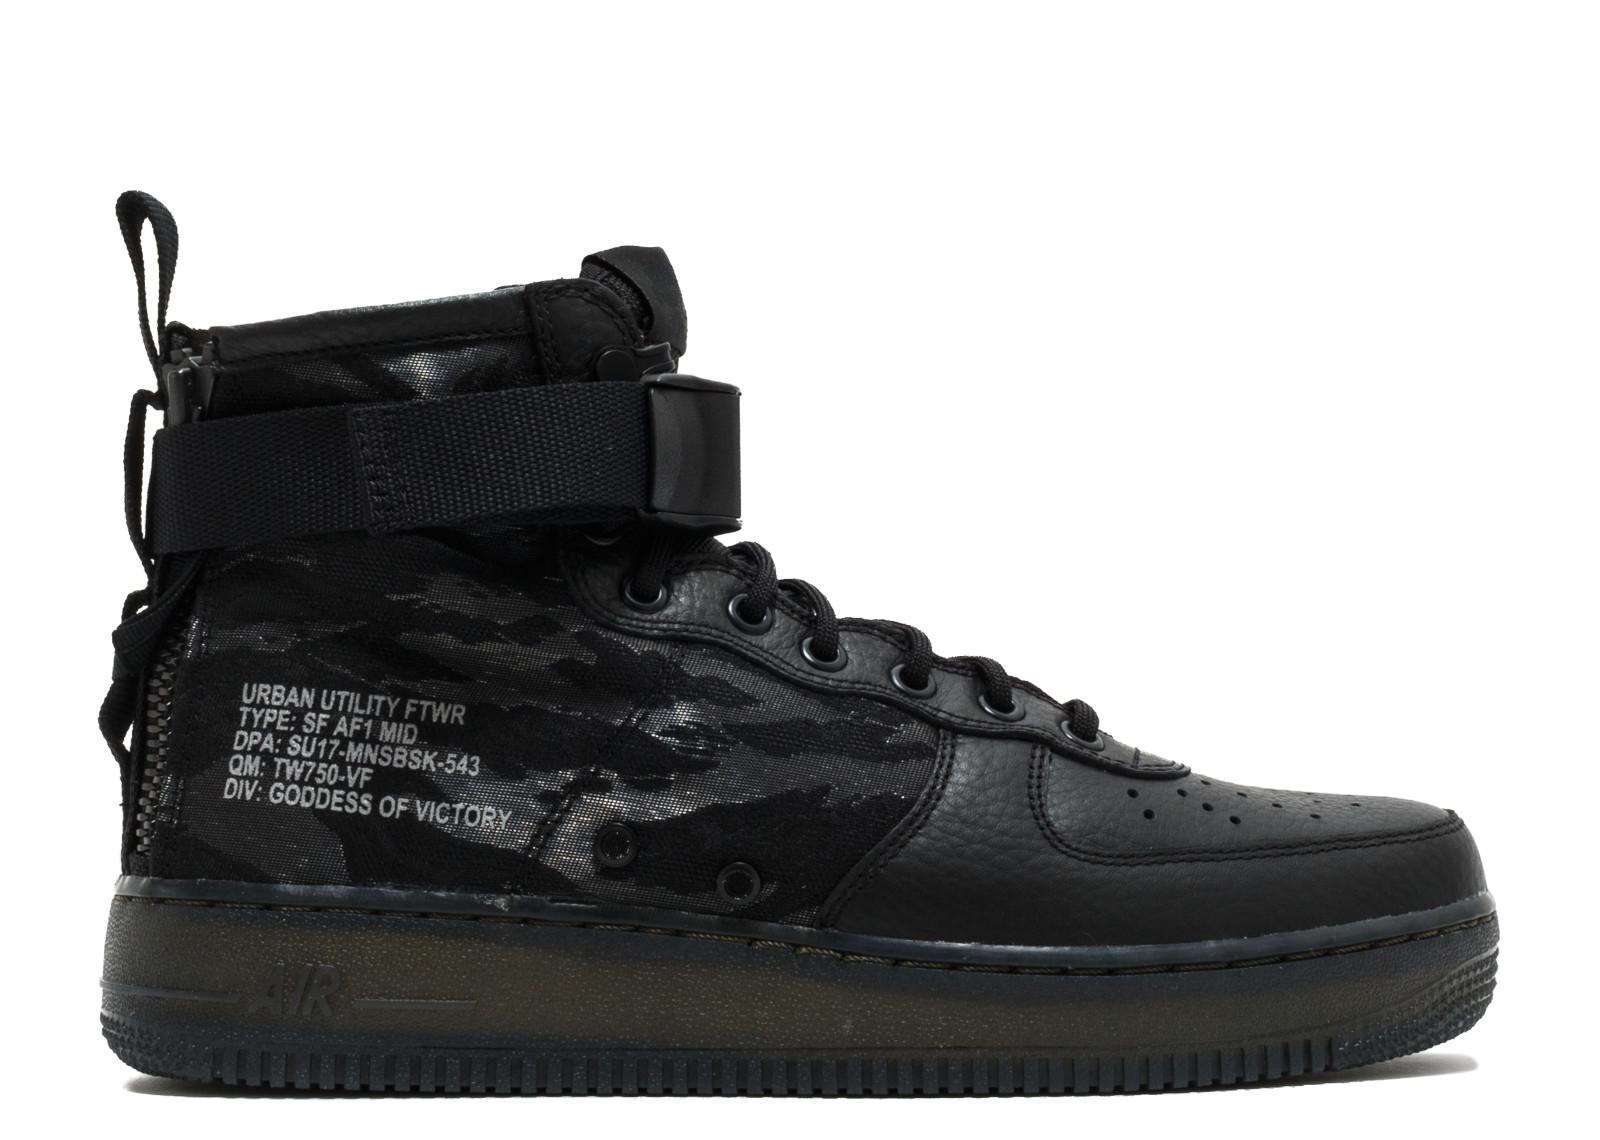 ナイキ エスエフ エアフォース1 ミッド タイガー カモ カーキ メンズ 男性用 靴 メンズ靴 スニーカー 【 NIKE SF AF1 MID QS TIGER CAMO BLACK BLACKCARGO KHAKI 】